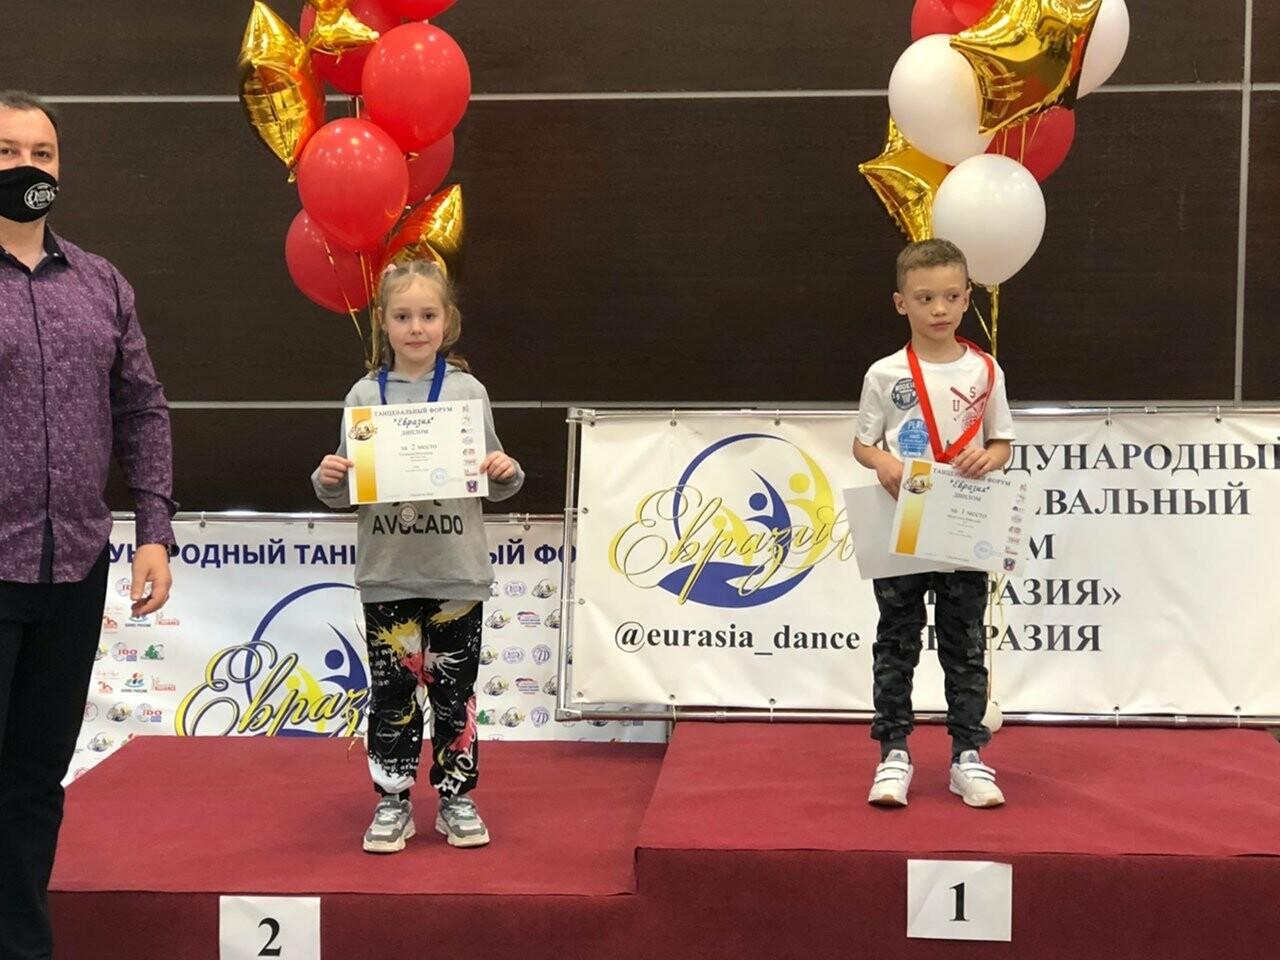 Танцоры из Новошахтинска привезли награды престижных соревнований, фото-2